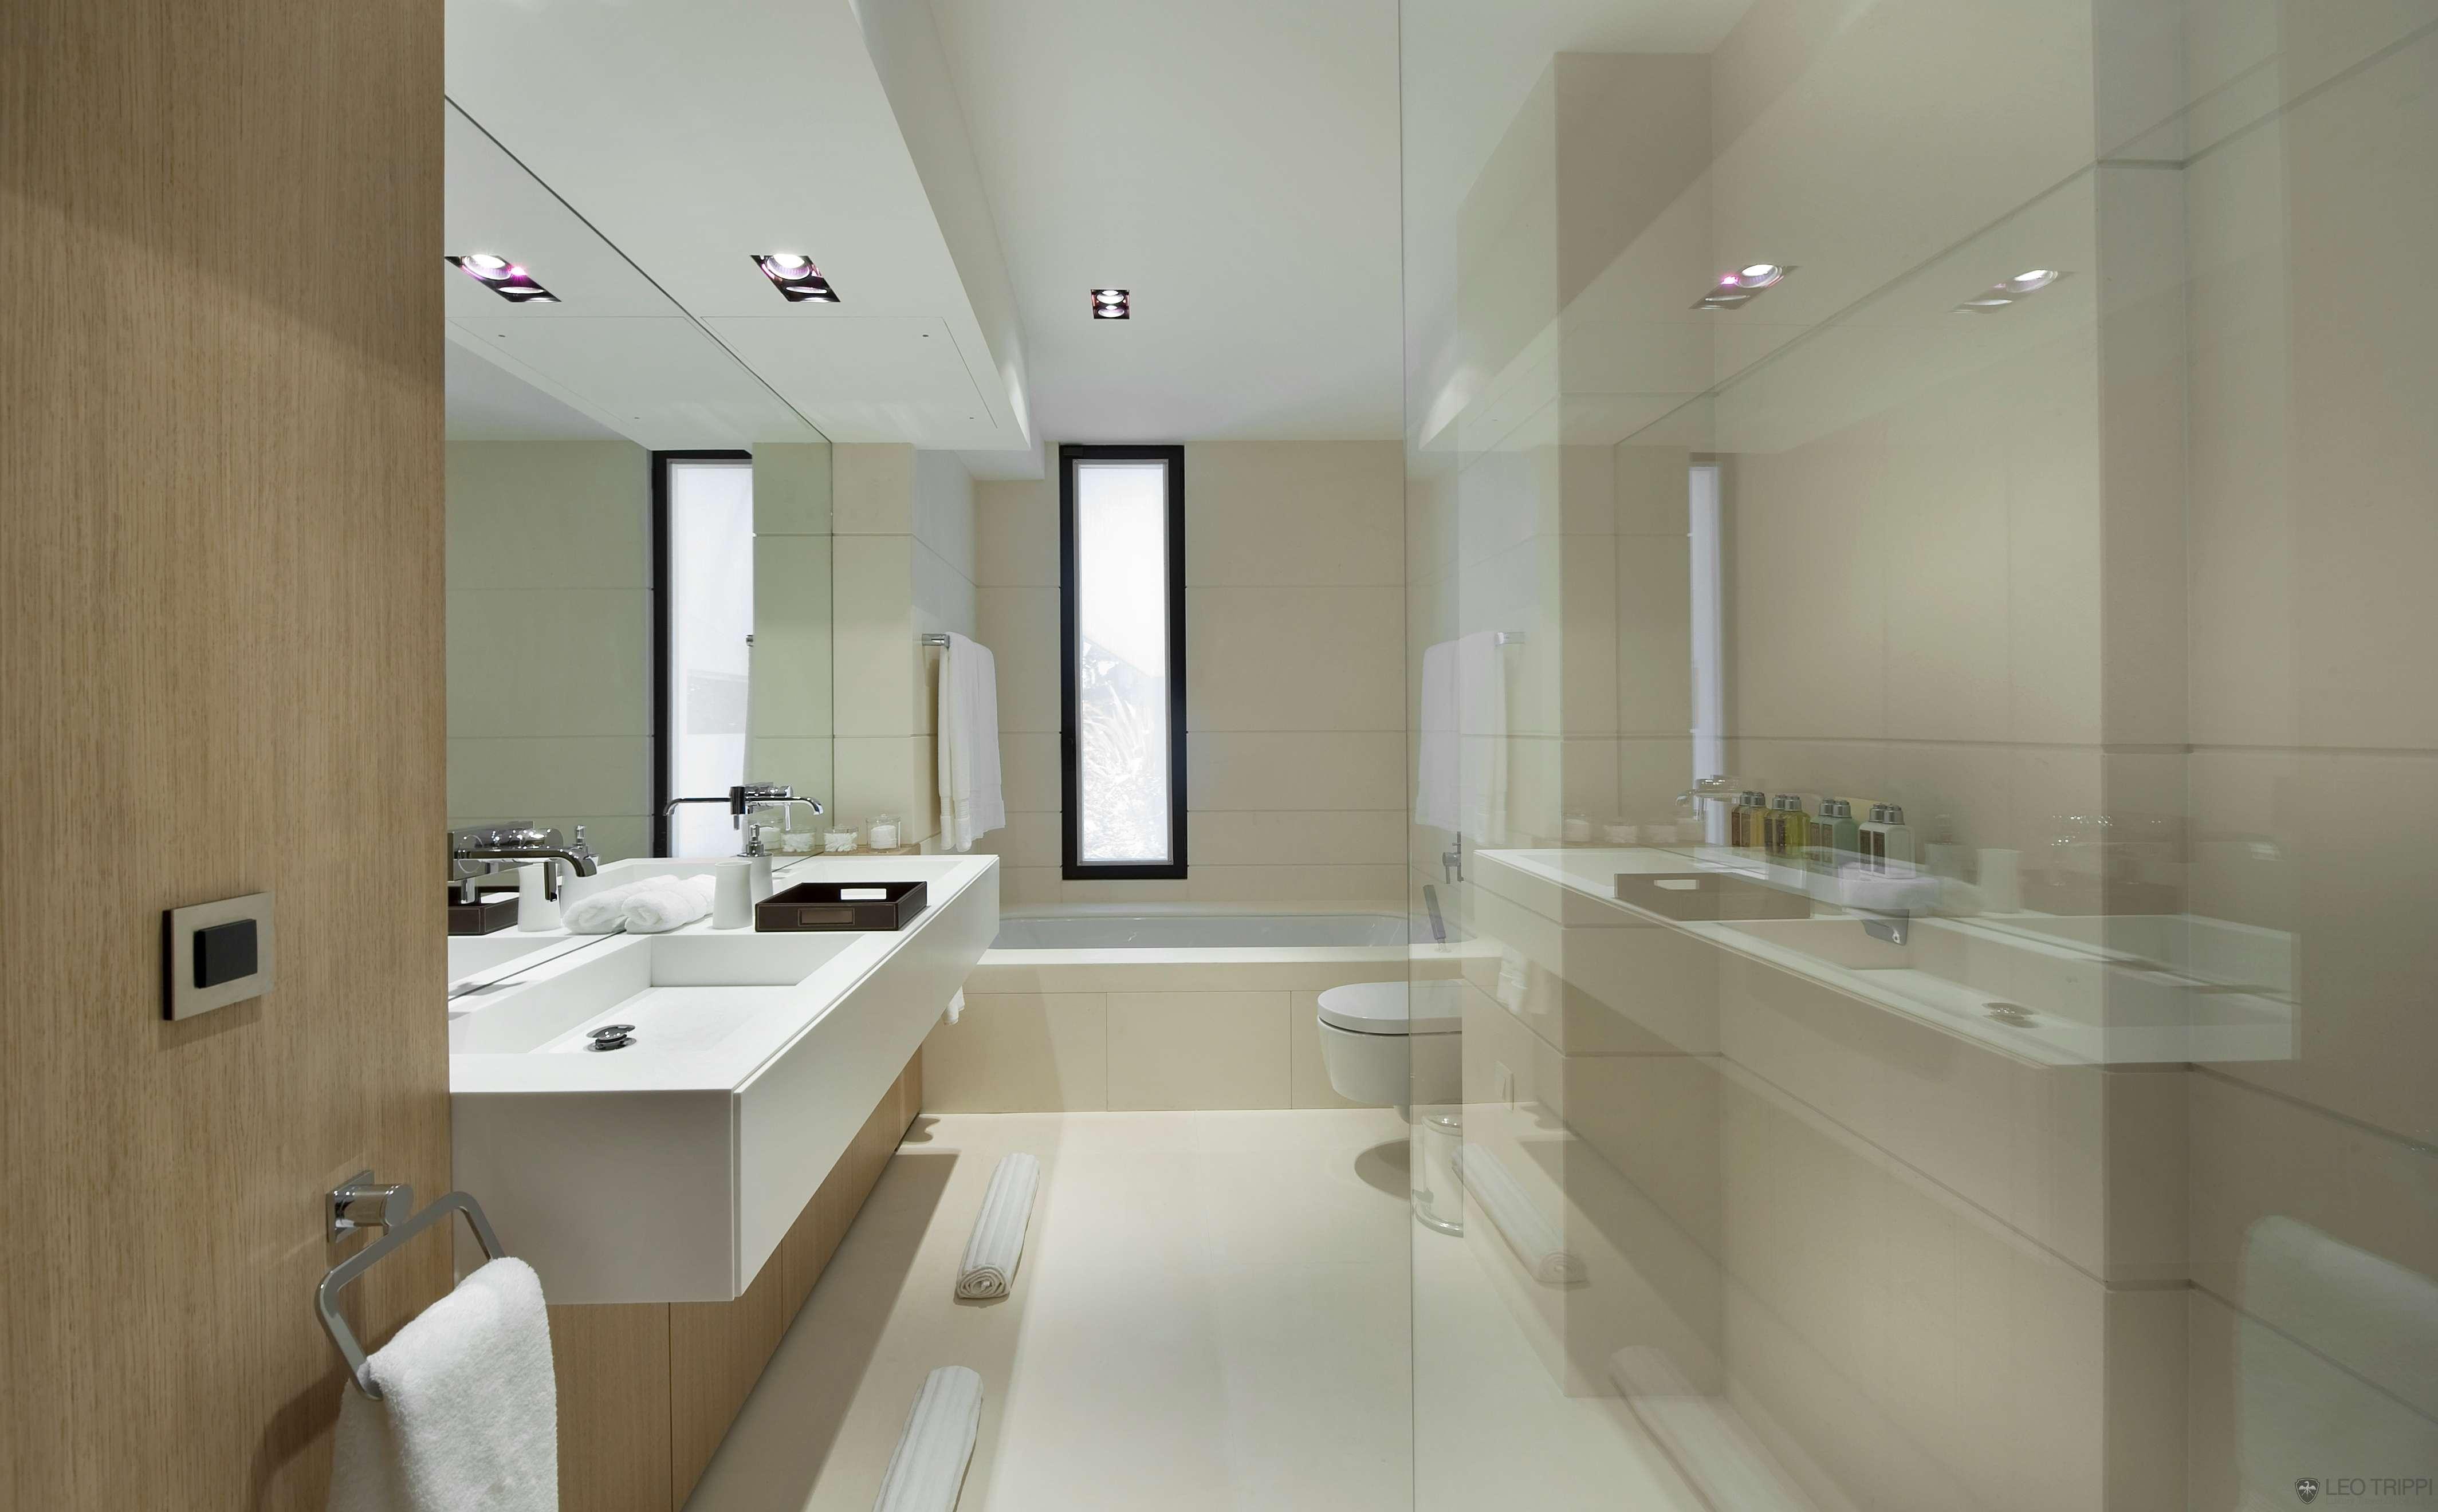 modern-bathroom-colors-with-bathroom-paint-colors-modern-luxury-bathroom-offered-small-bathroom-on-bathroom